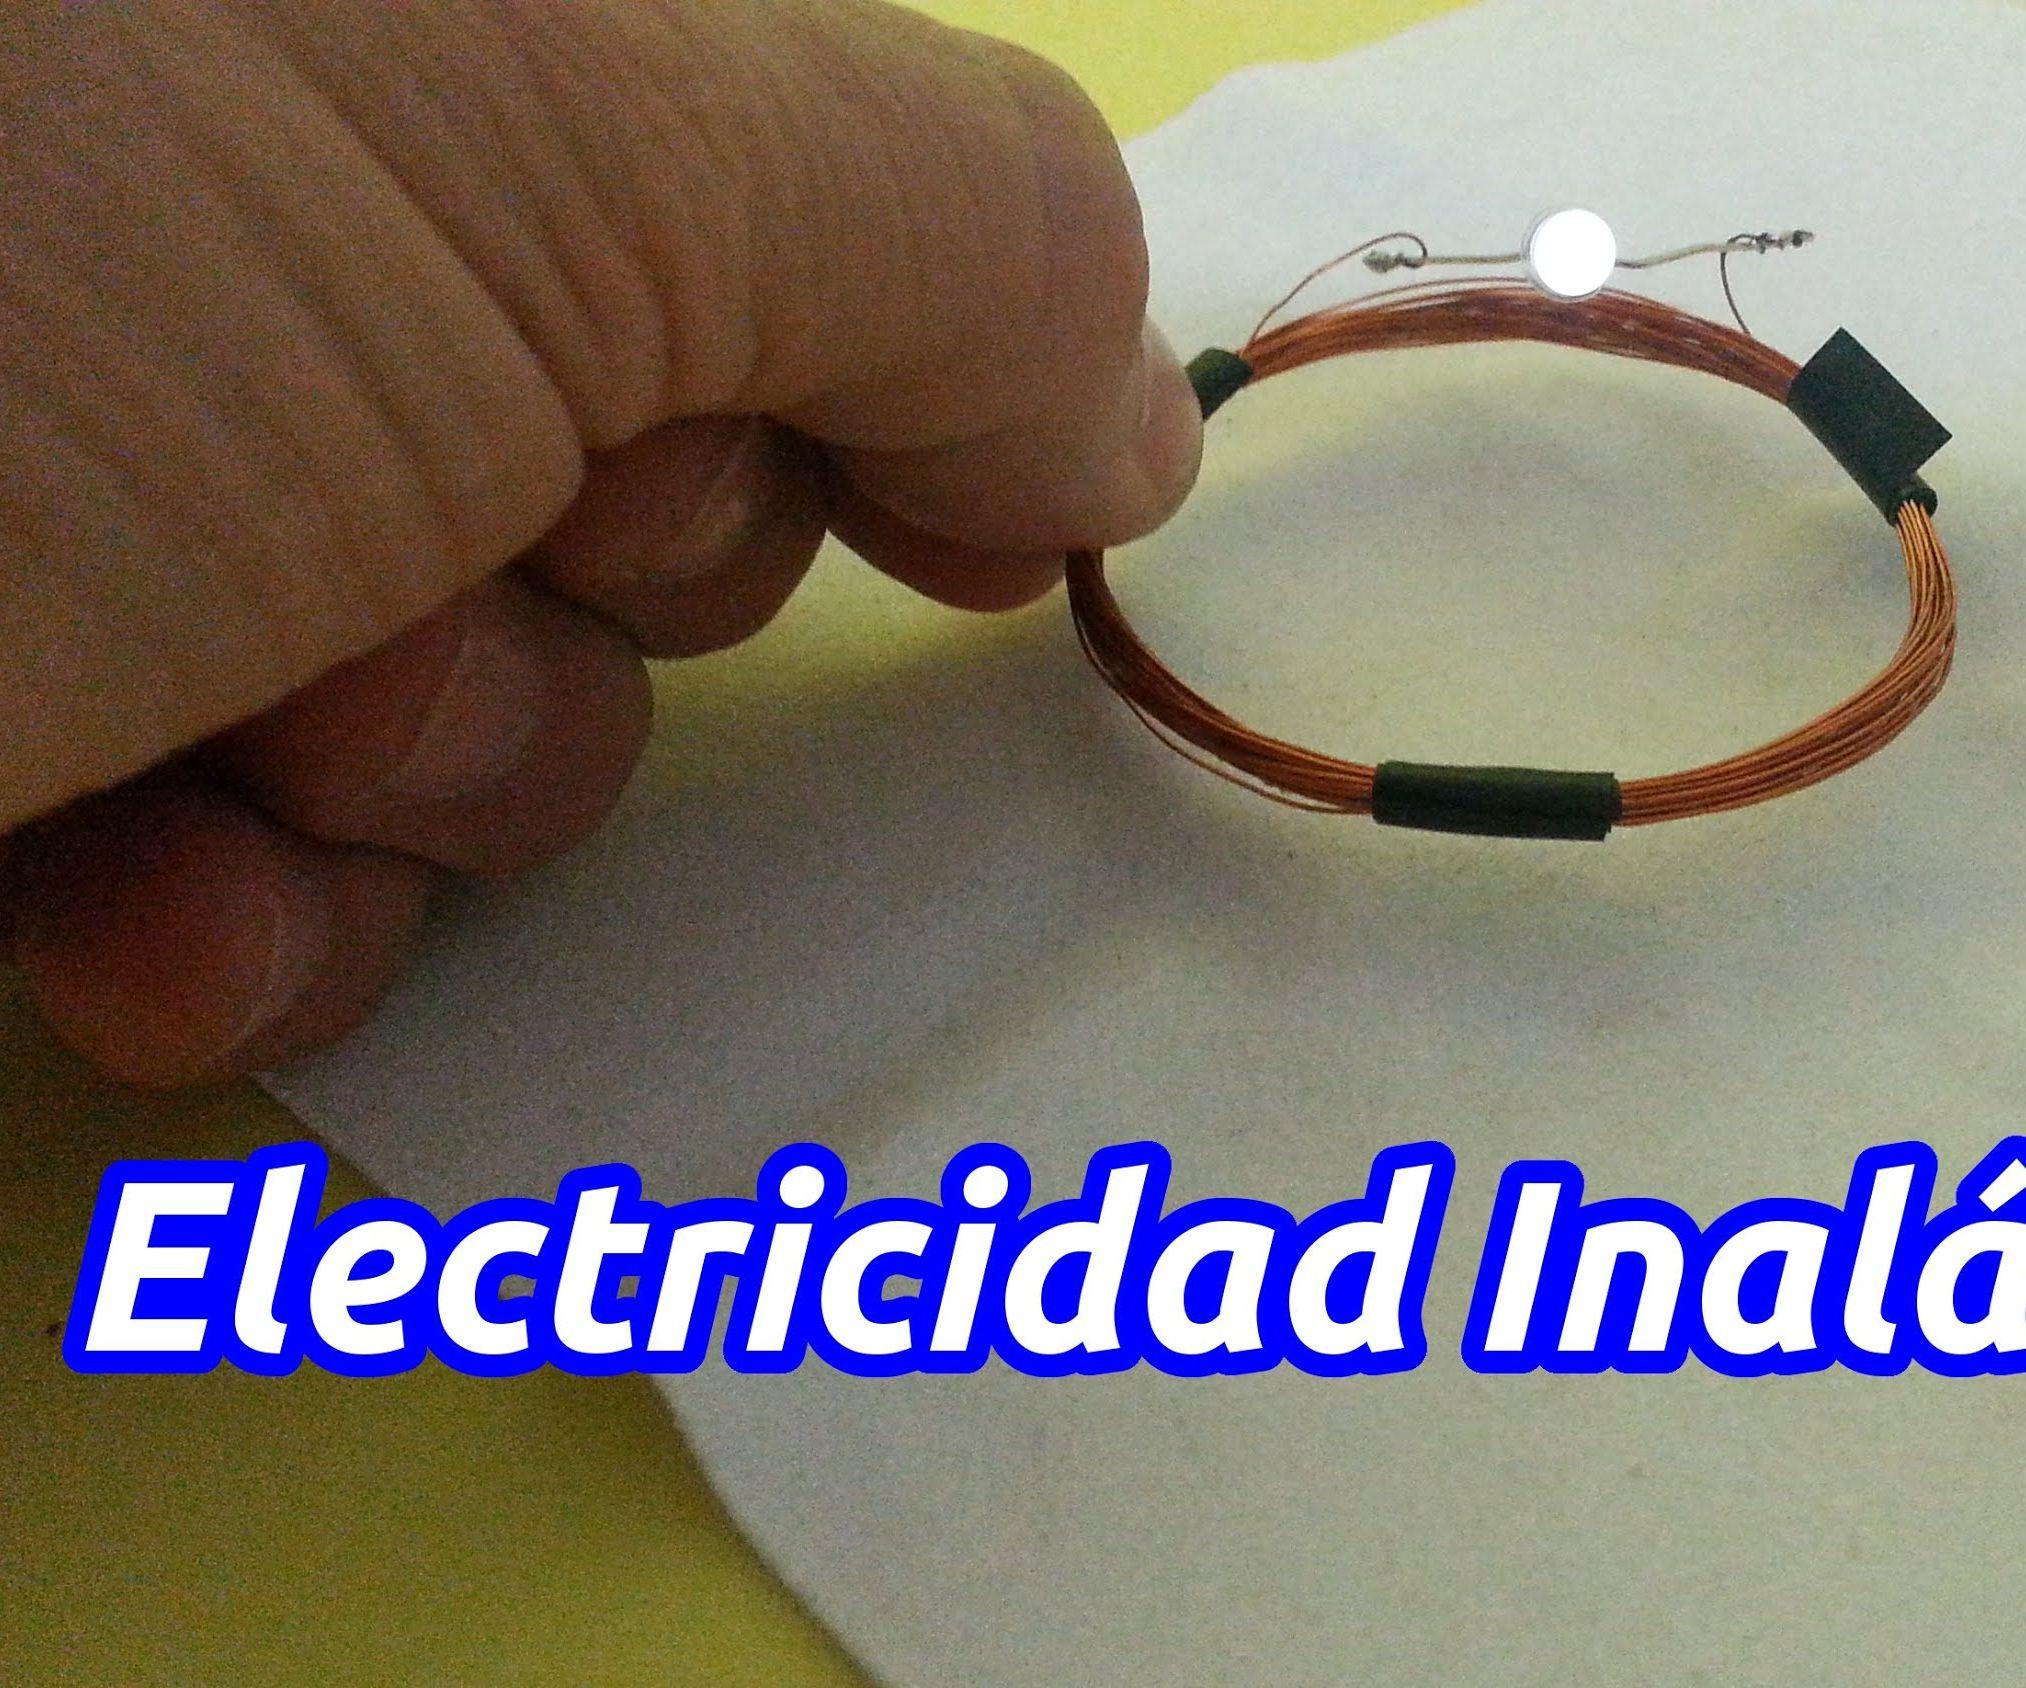 Electricidad Inalámbrica